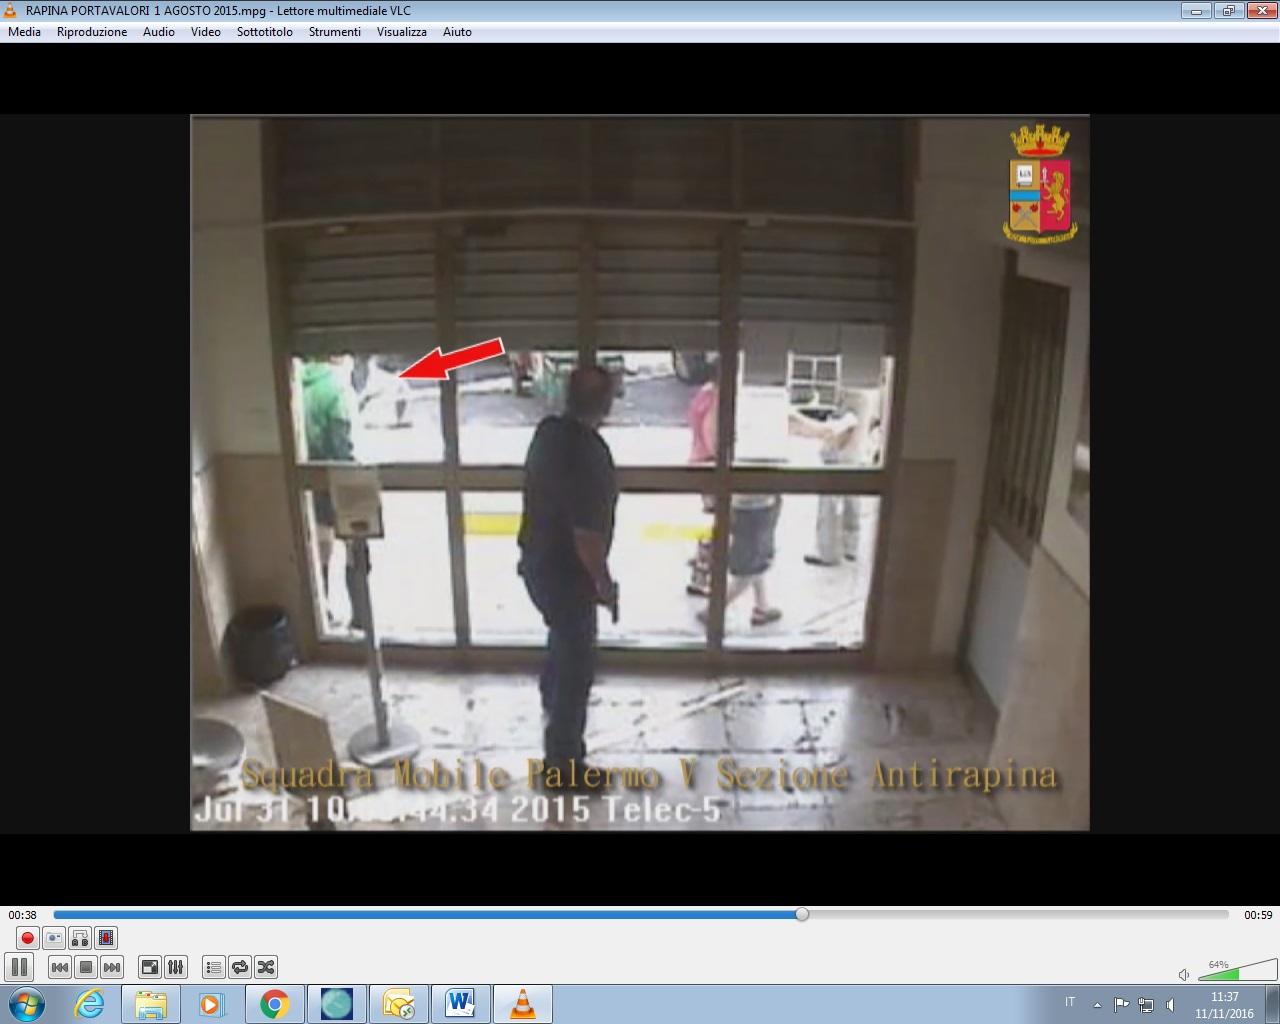 Permesso di soggiorno polizia di stato questure sul web for Polizia di stato caserta permesso di soggiorno